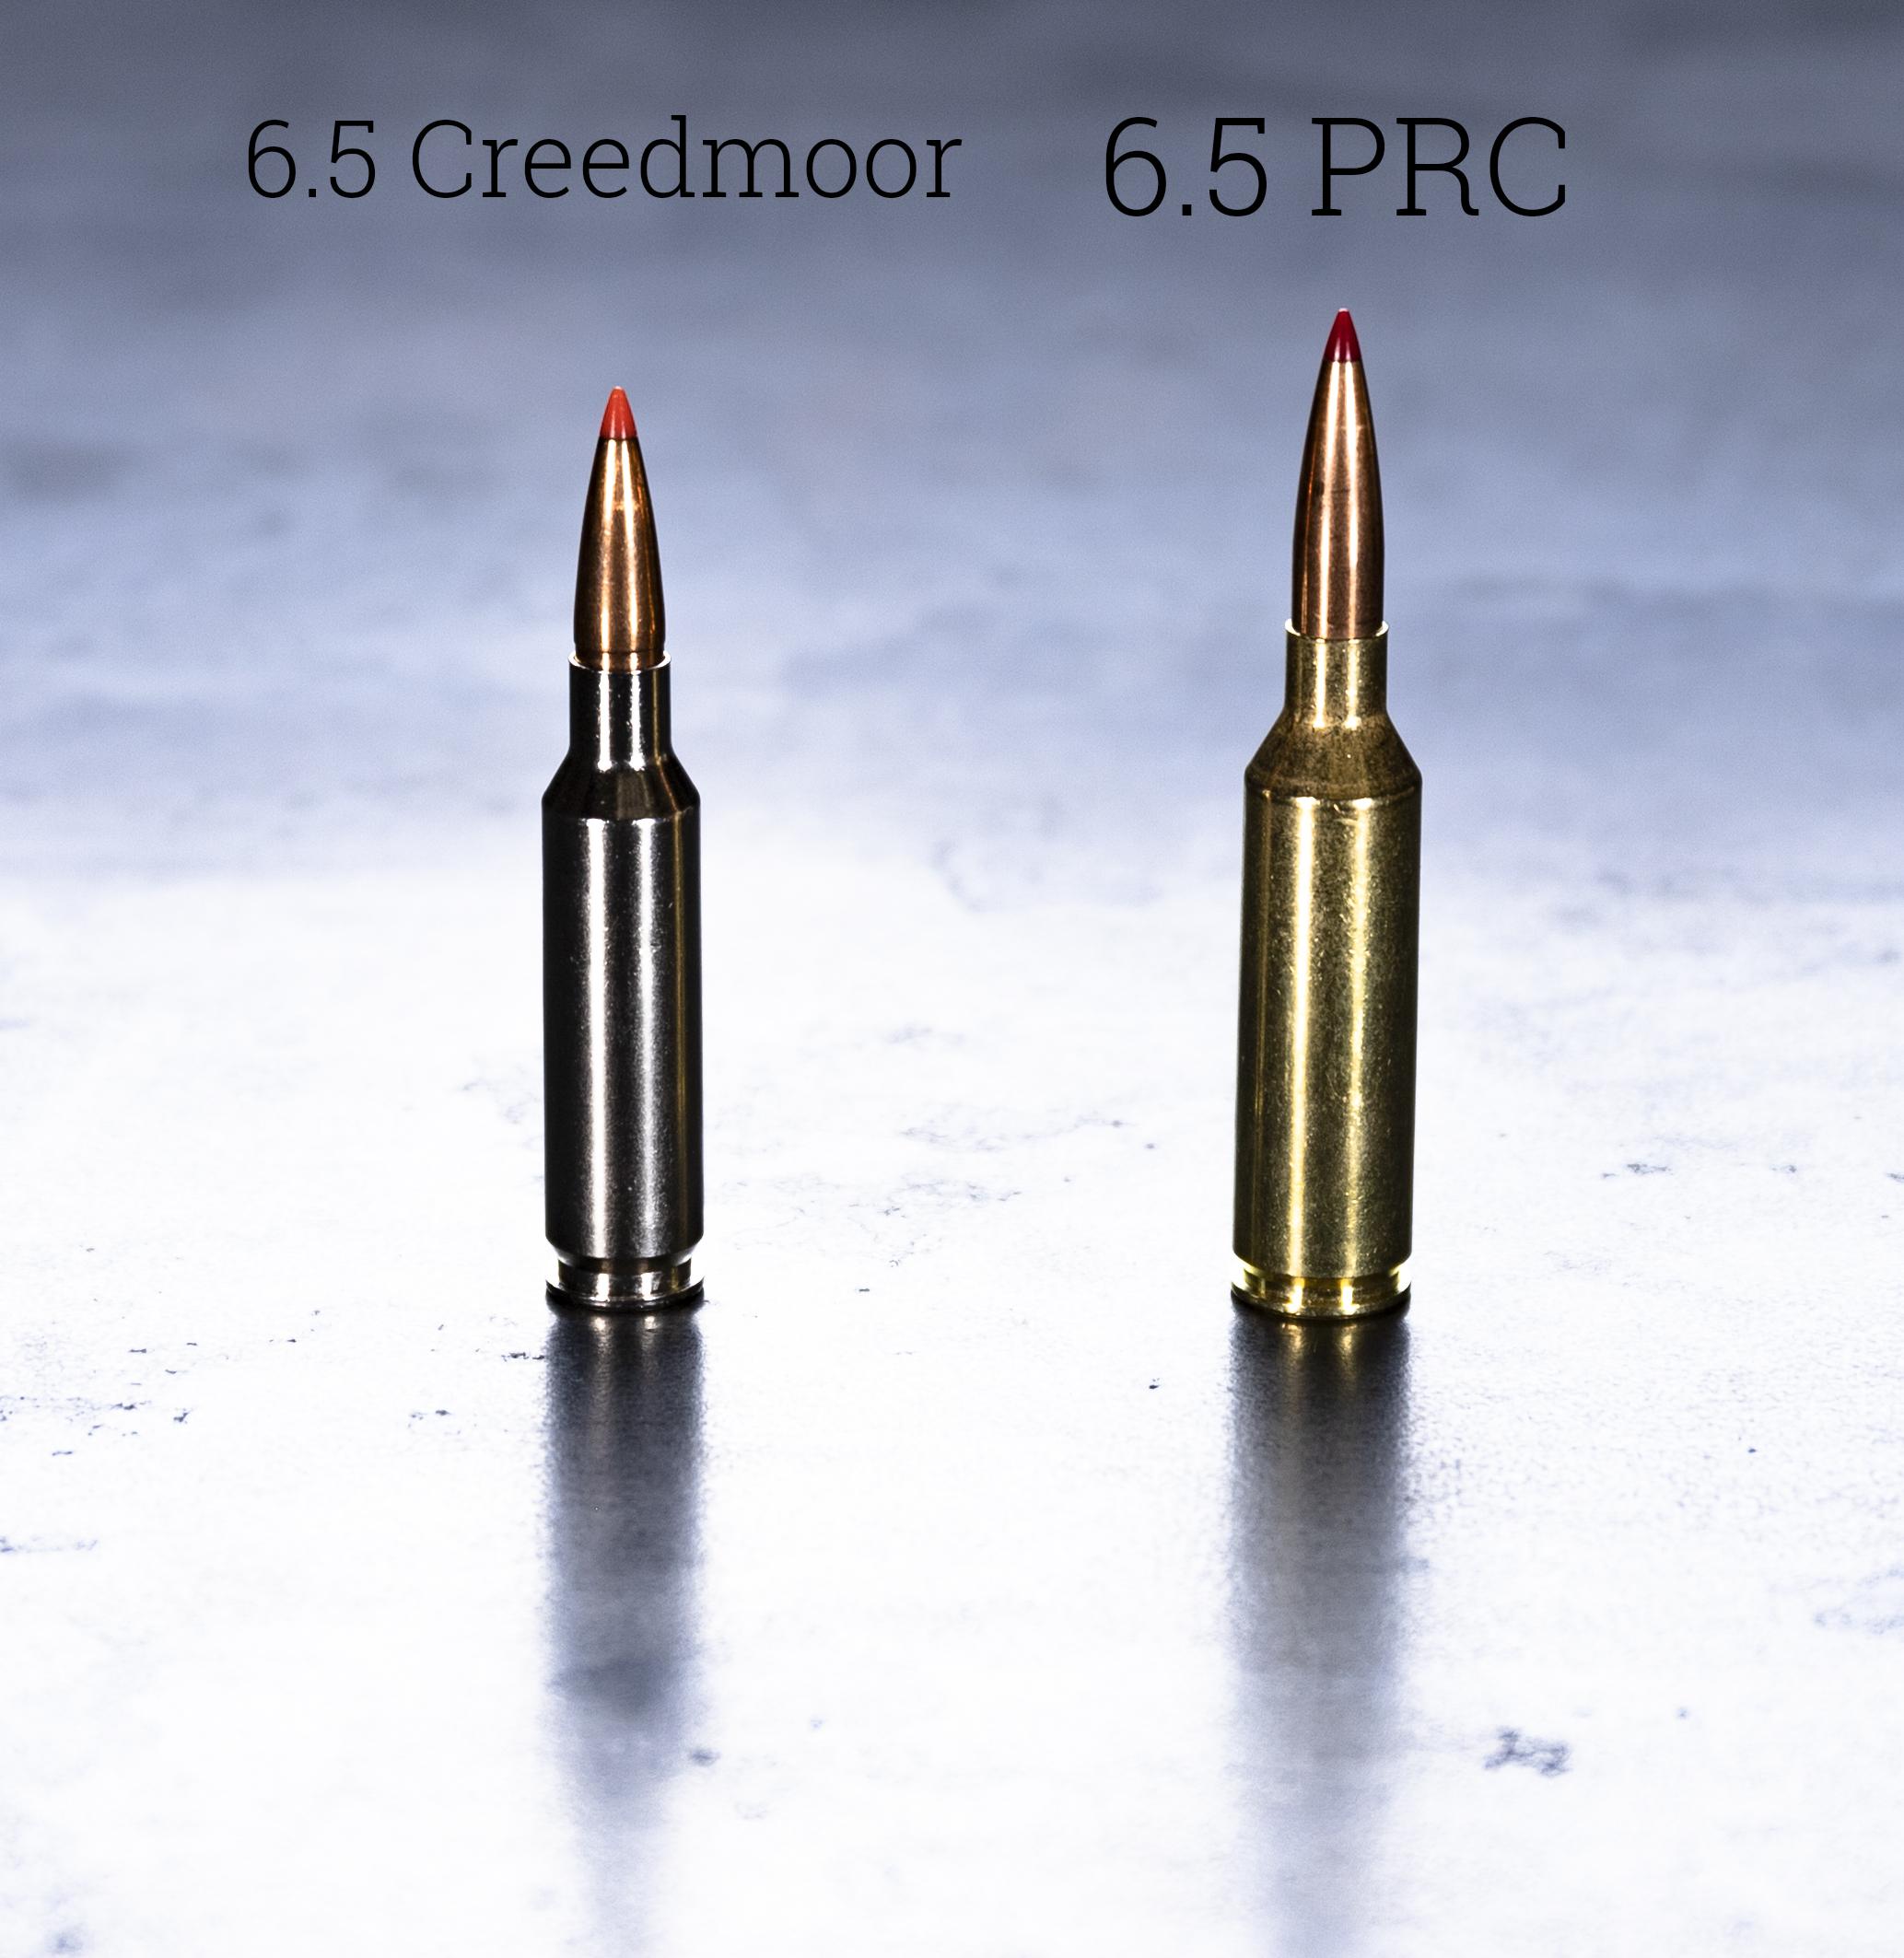 6.5 creedmoor vs 6.5 PRC